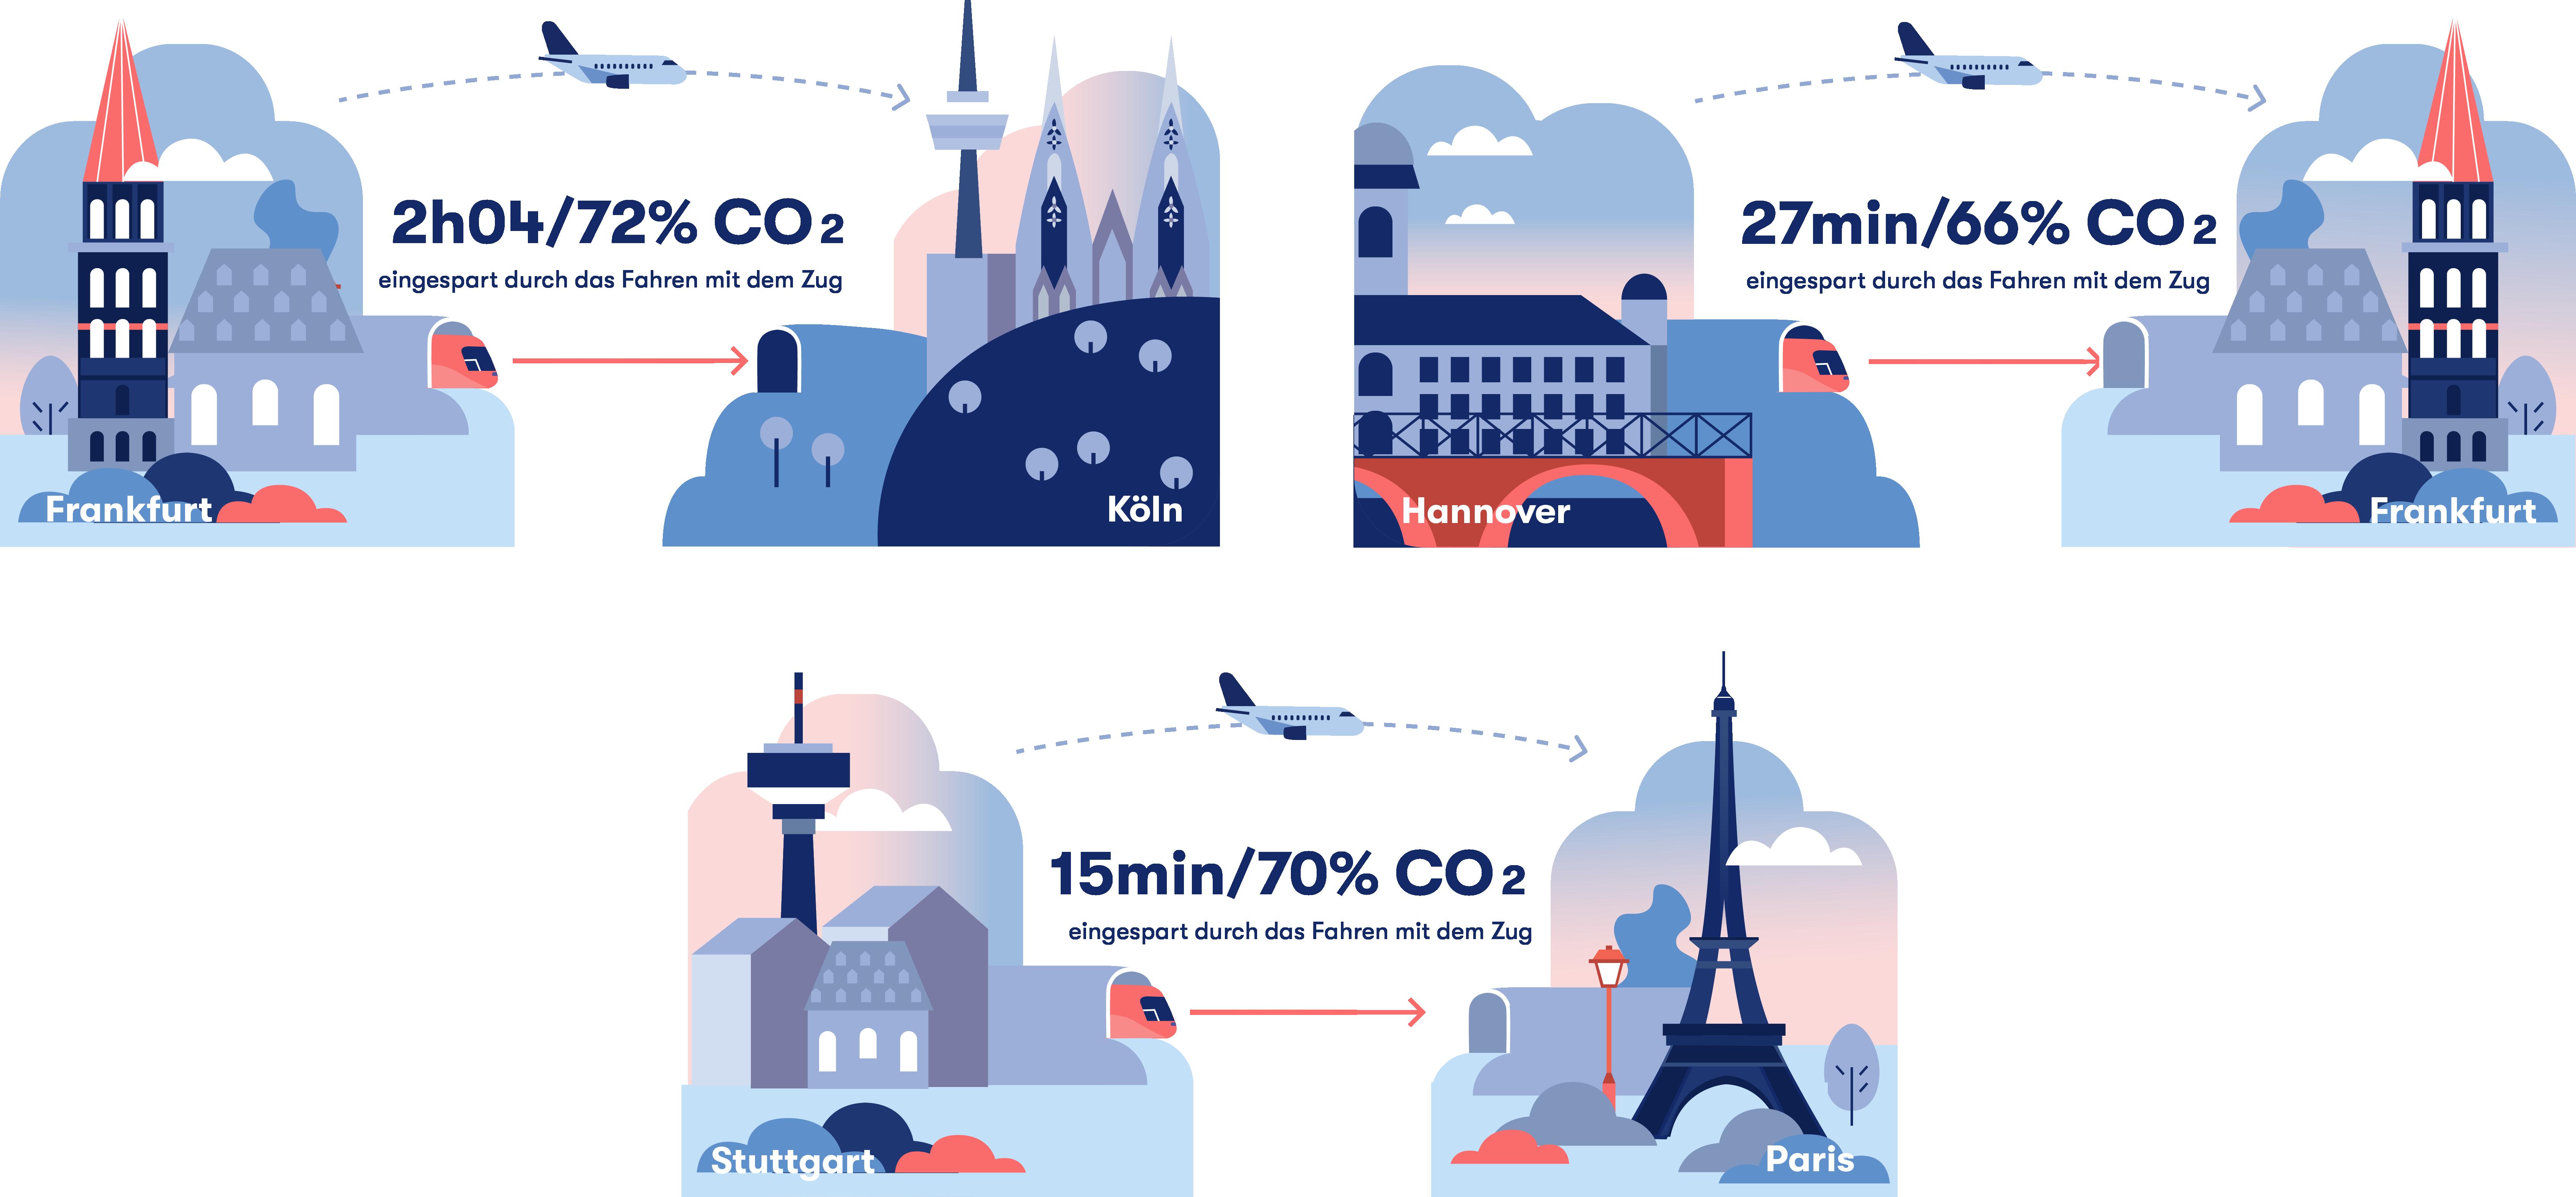 Infografik Zug vs. Flug, die drei Strecken zeigt, auf denen der Zug schneller ist als das Flugzeug